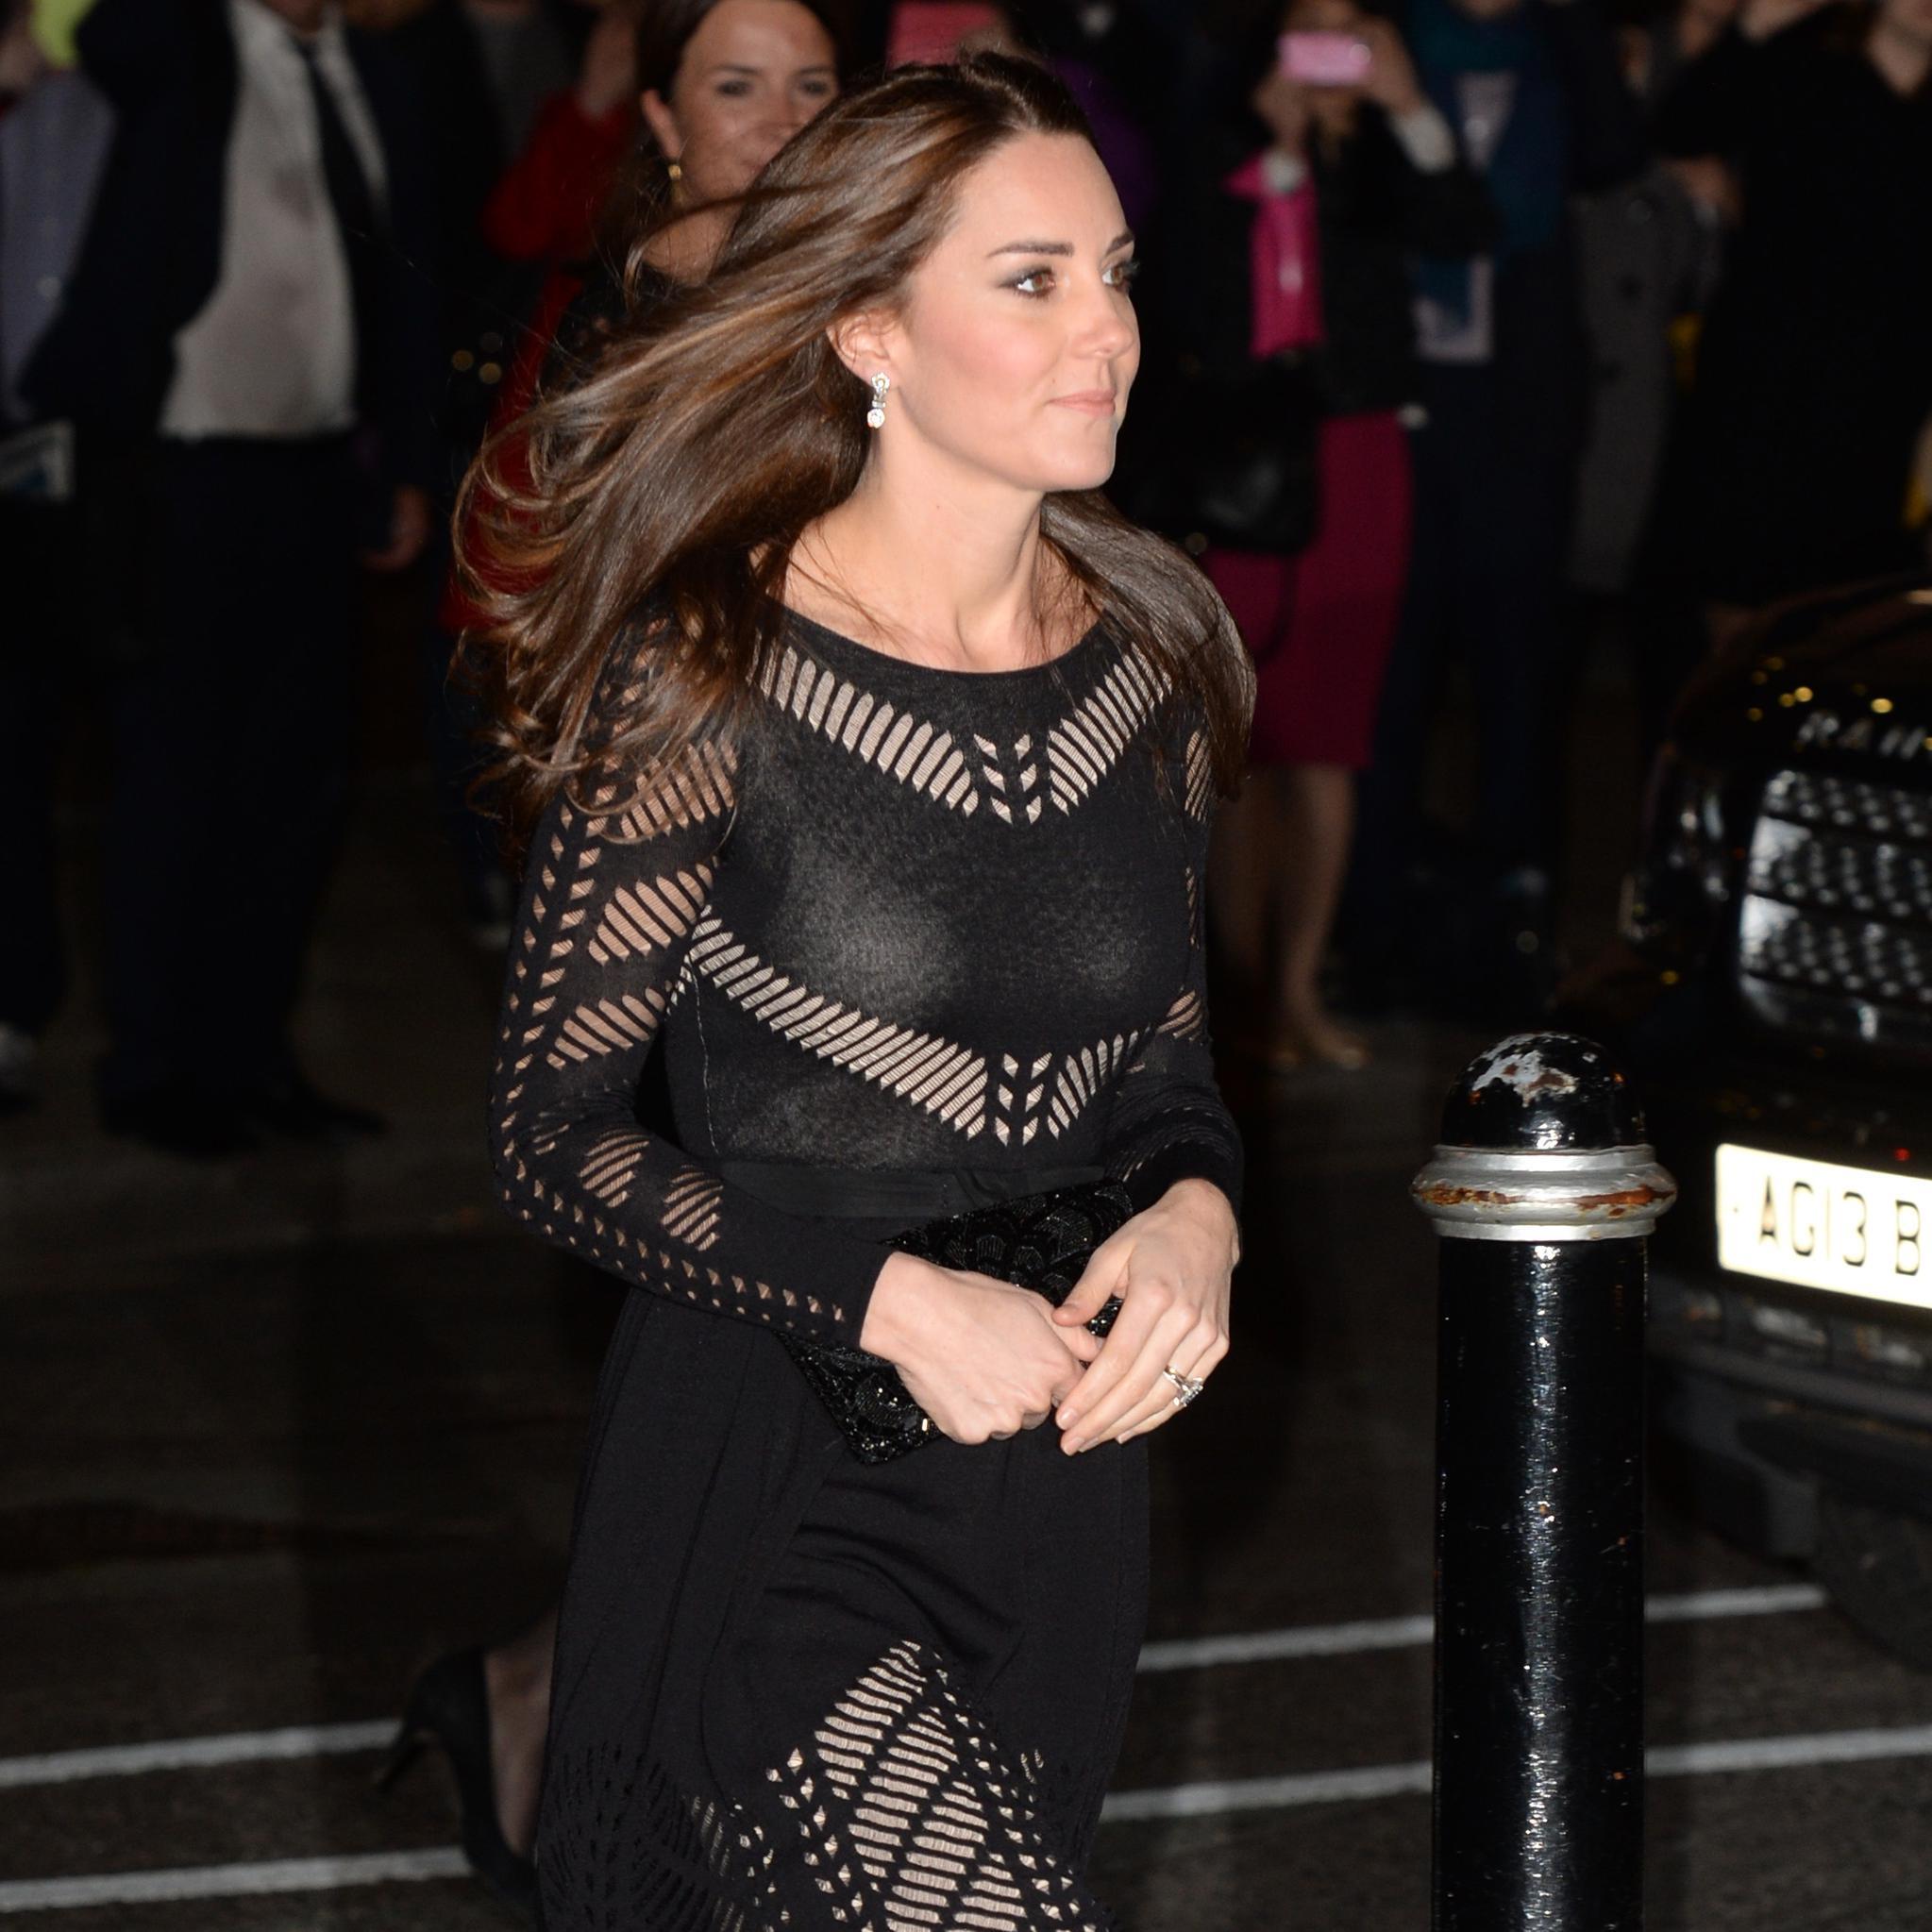 La petite robe noire de Kate Middleton en rupture de stock ...